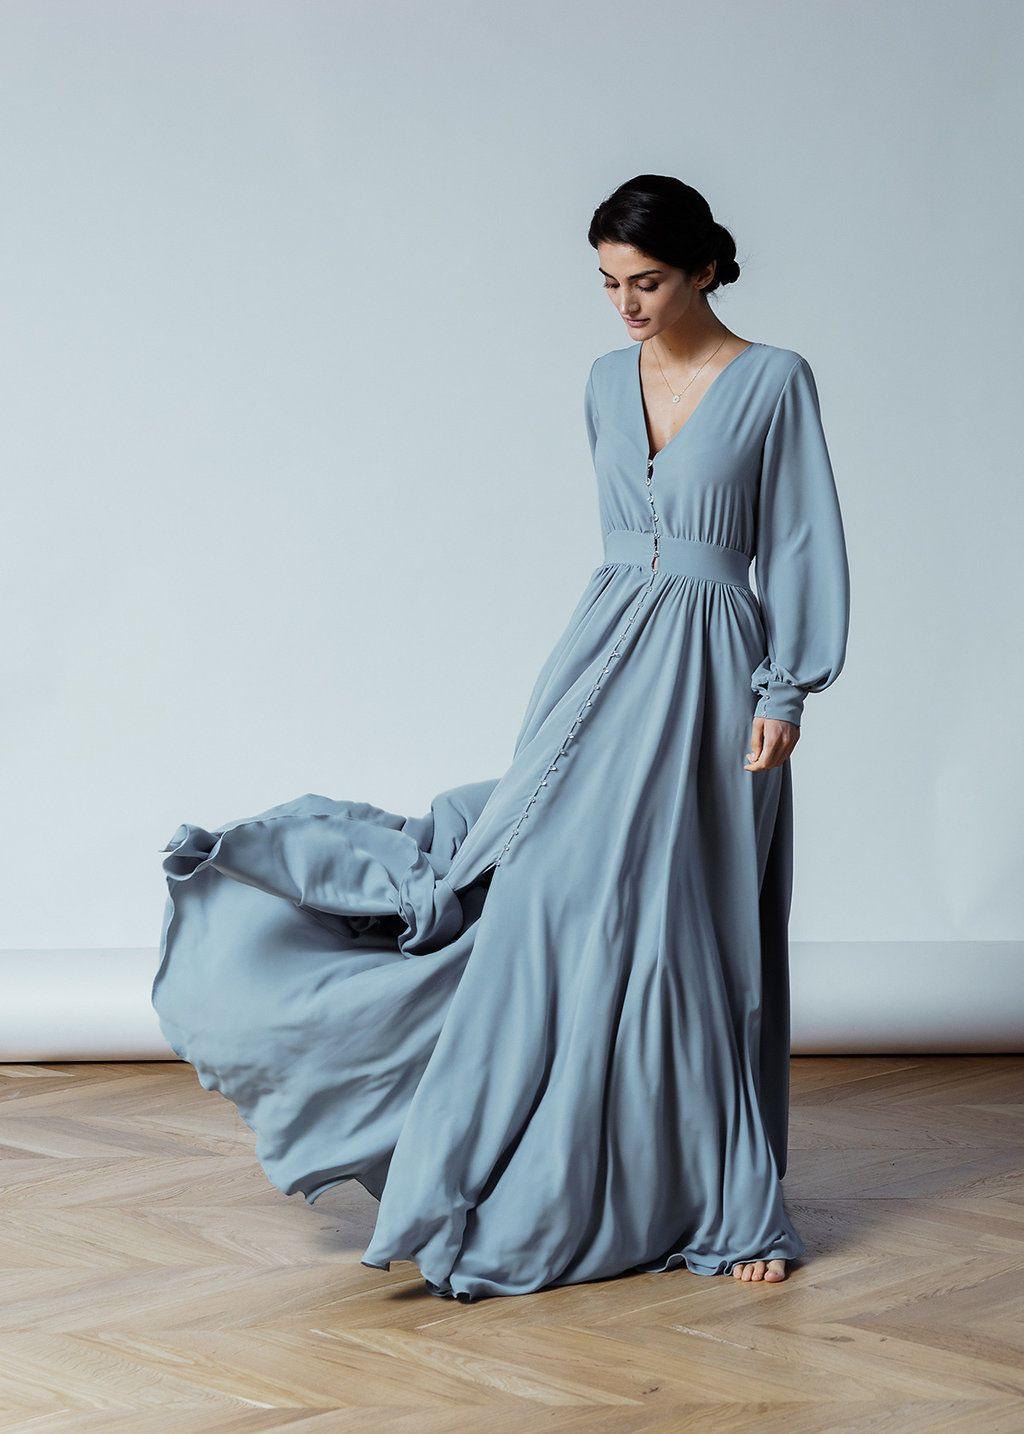 20 Genial Graue Kleider Für Hochzeit StylishFormal Schön Graue Kleider Für Hochzeit Spezialgebiet